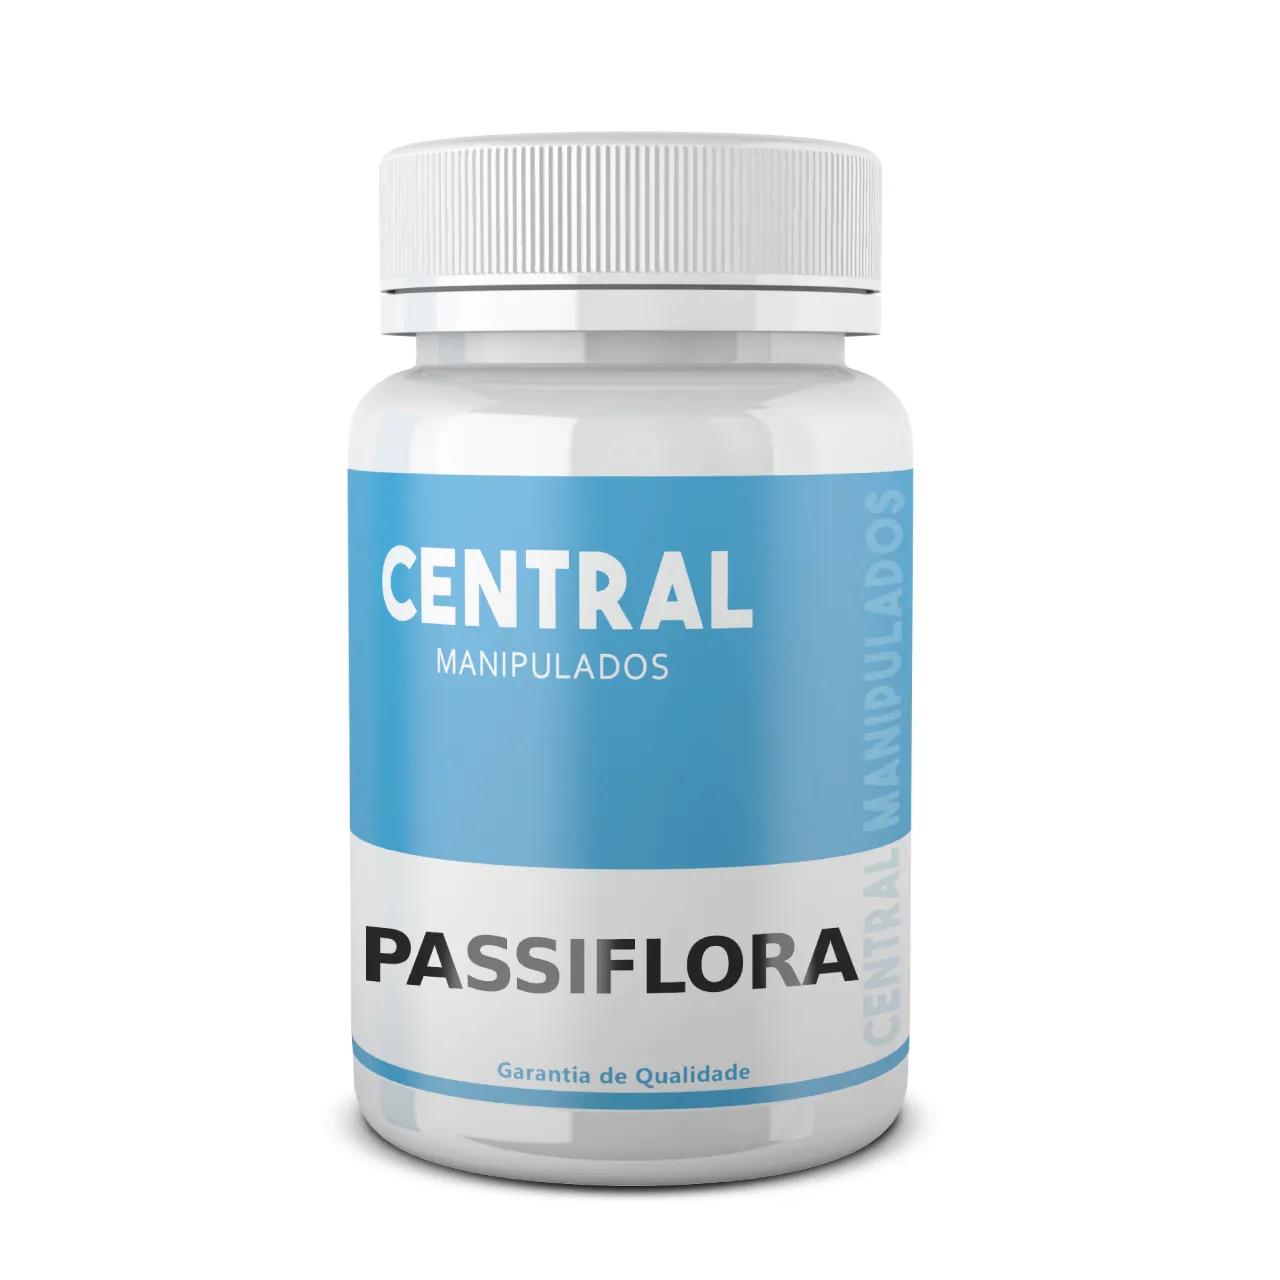 Passiflora 200mg - 240 cápsulas - Ajuda na ansiedade, insônia e irritabilidade